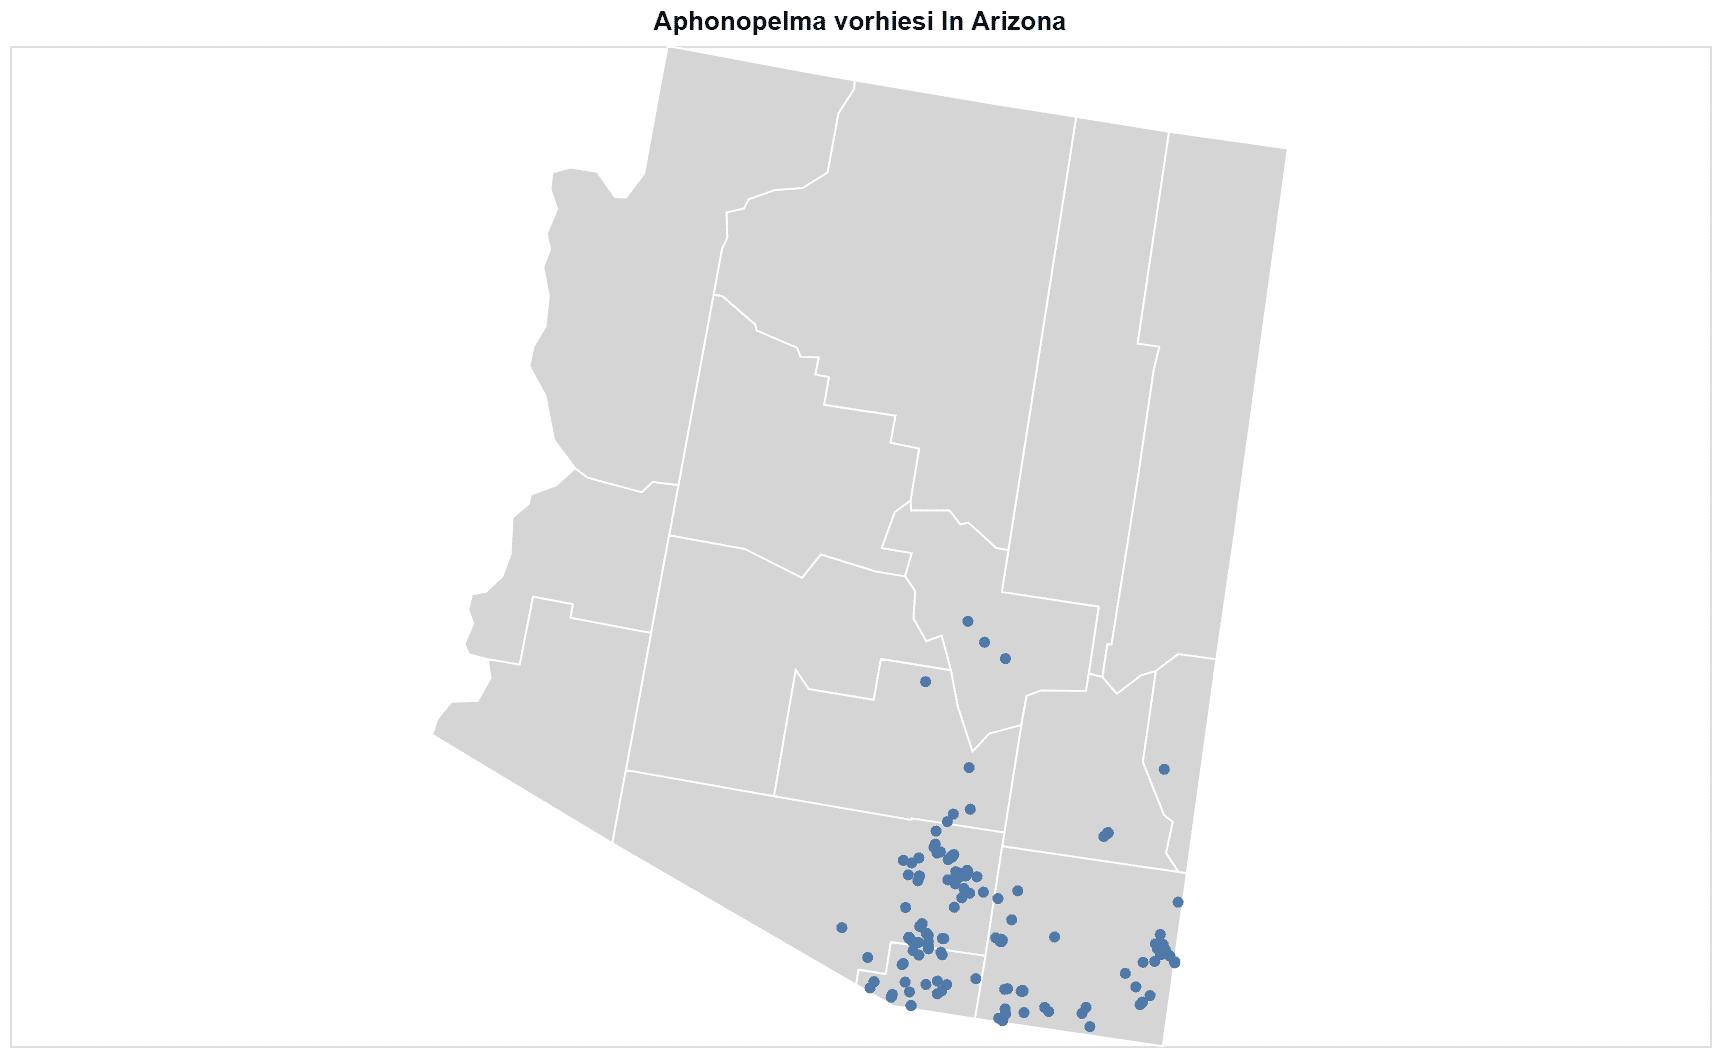 Aphonopelma vorhiesi map